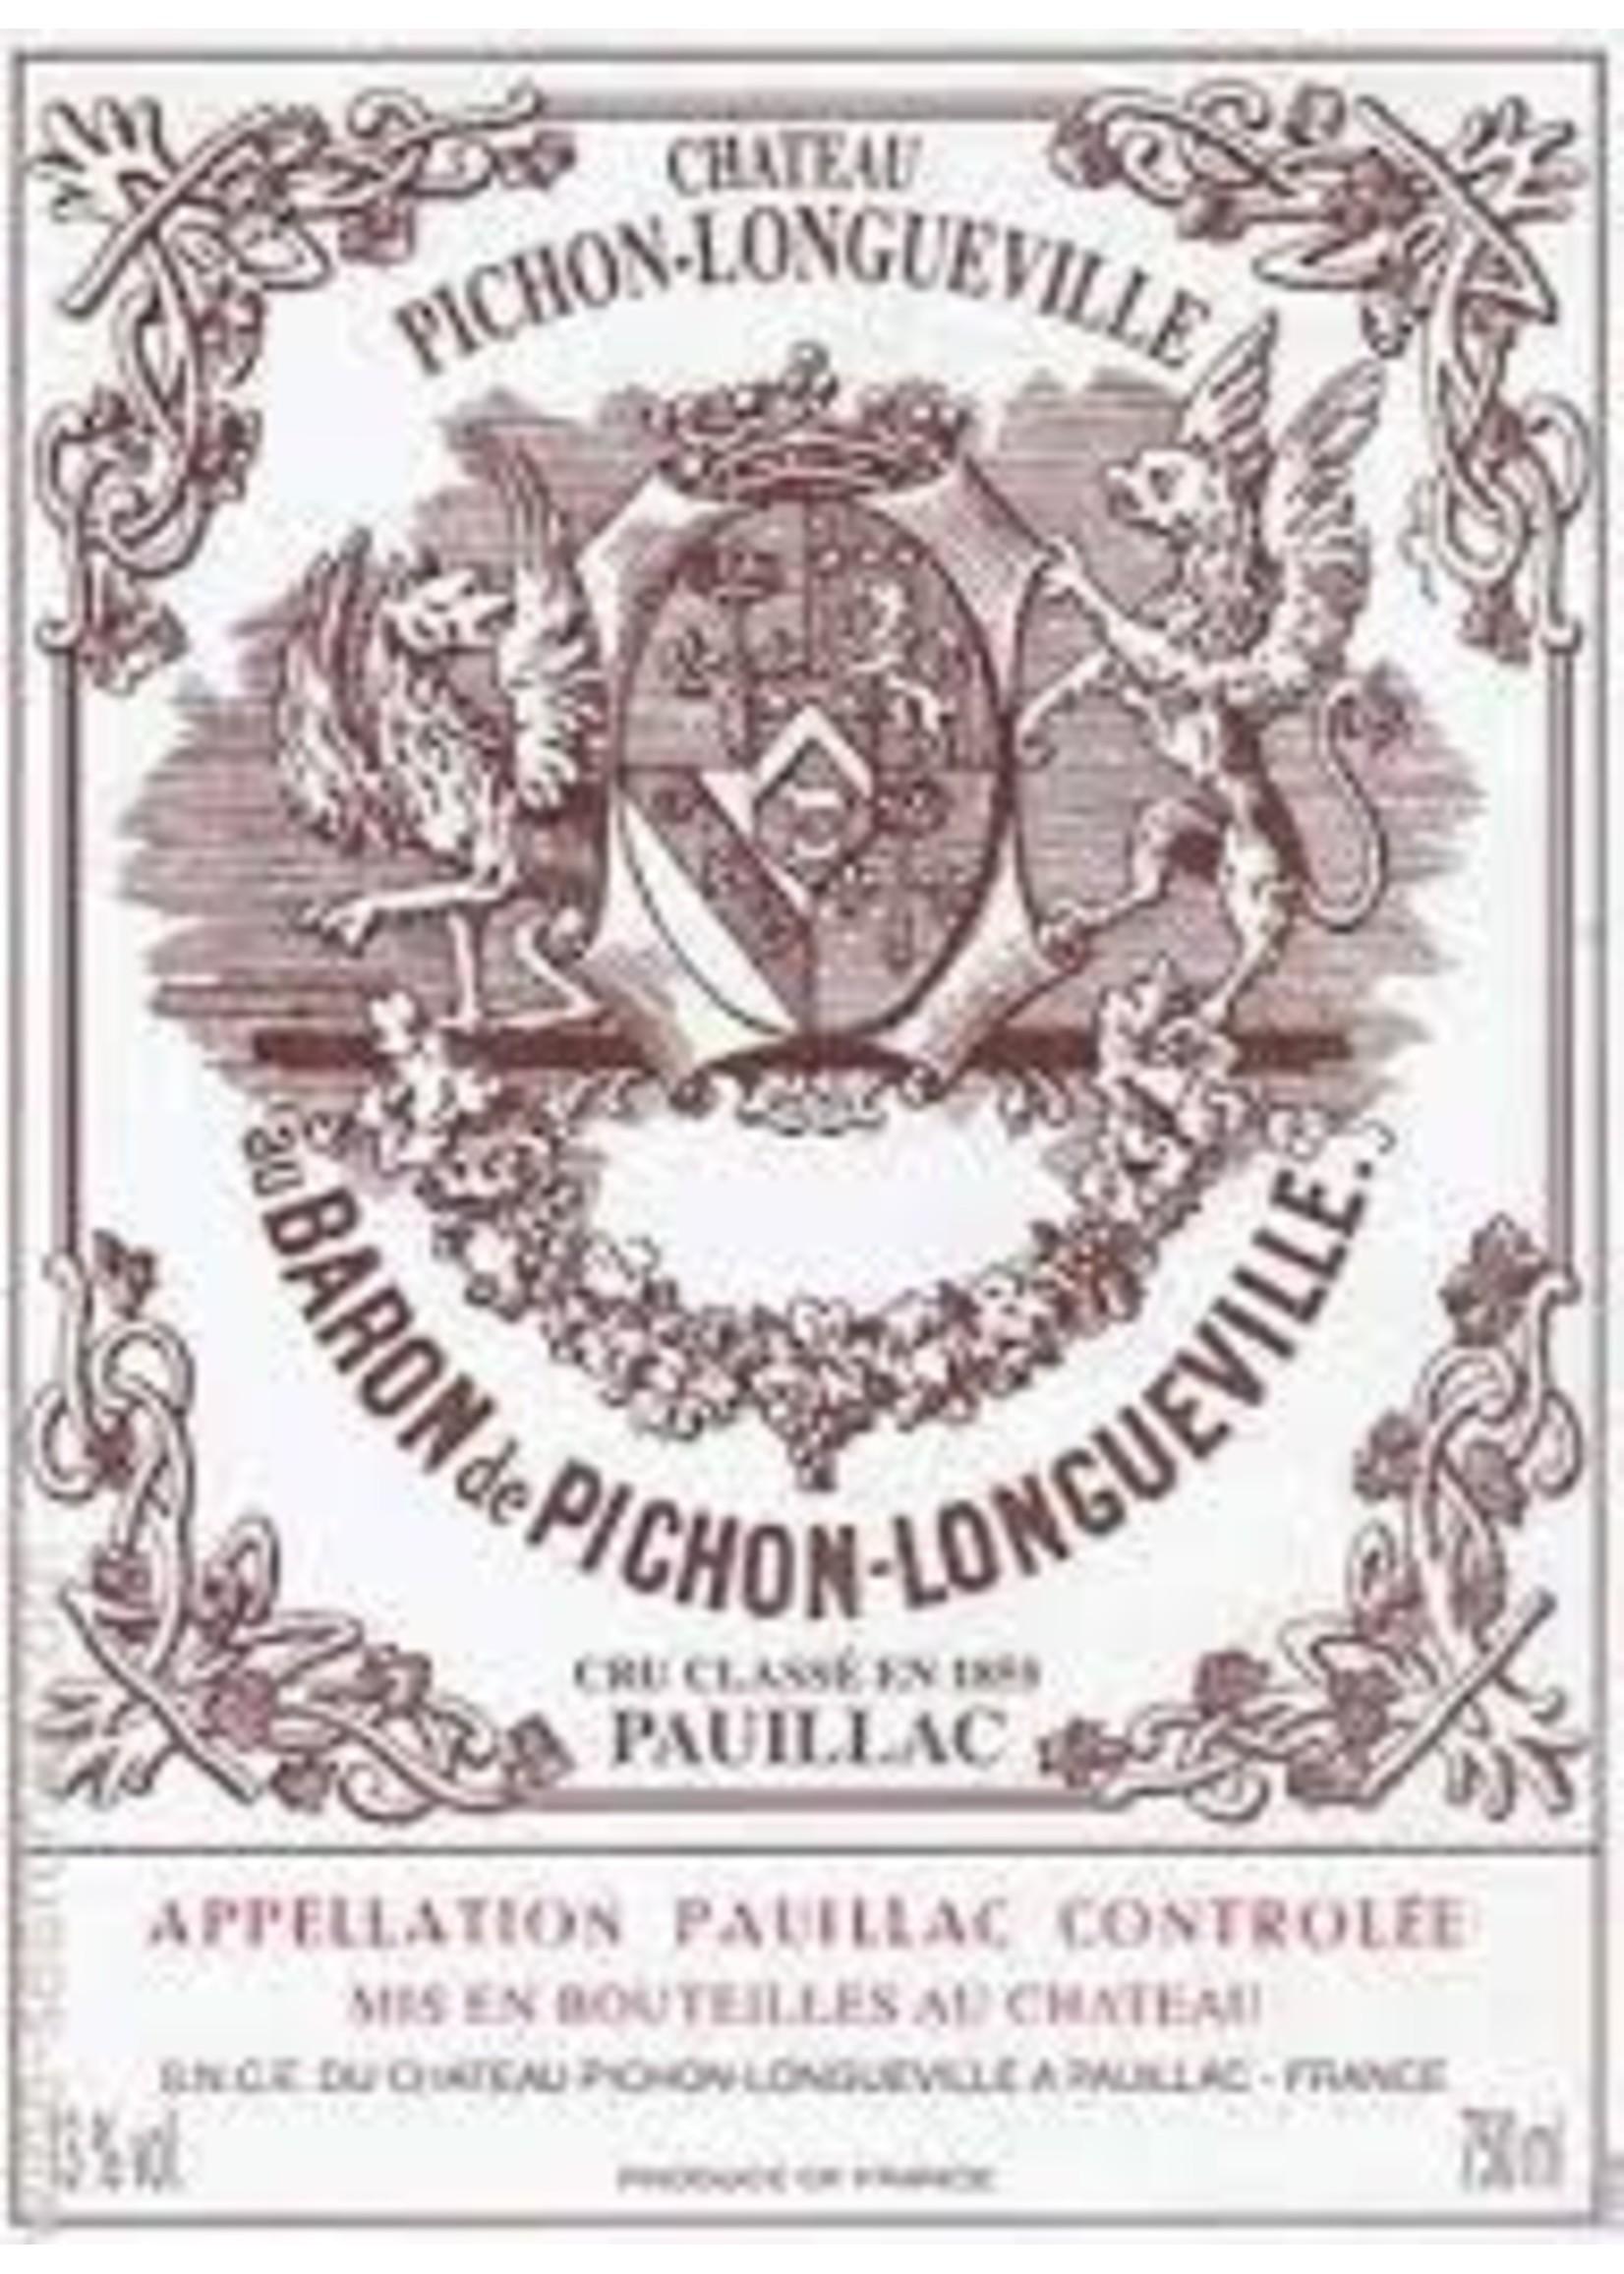 Chateau Pichon-Longueville Baron 2000 Pauillac 12bt OWC [PRE-ARRIVAL]